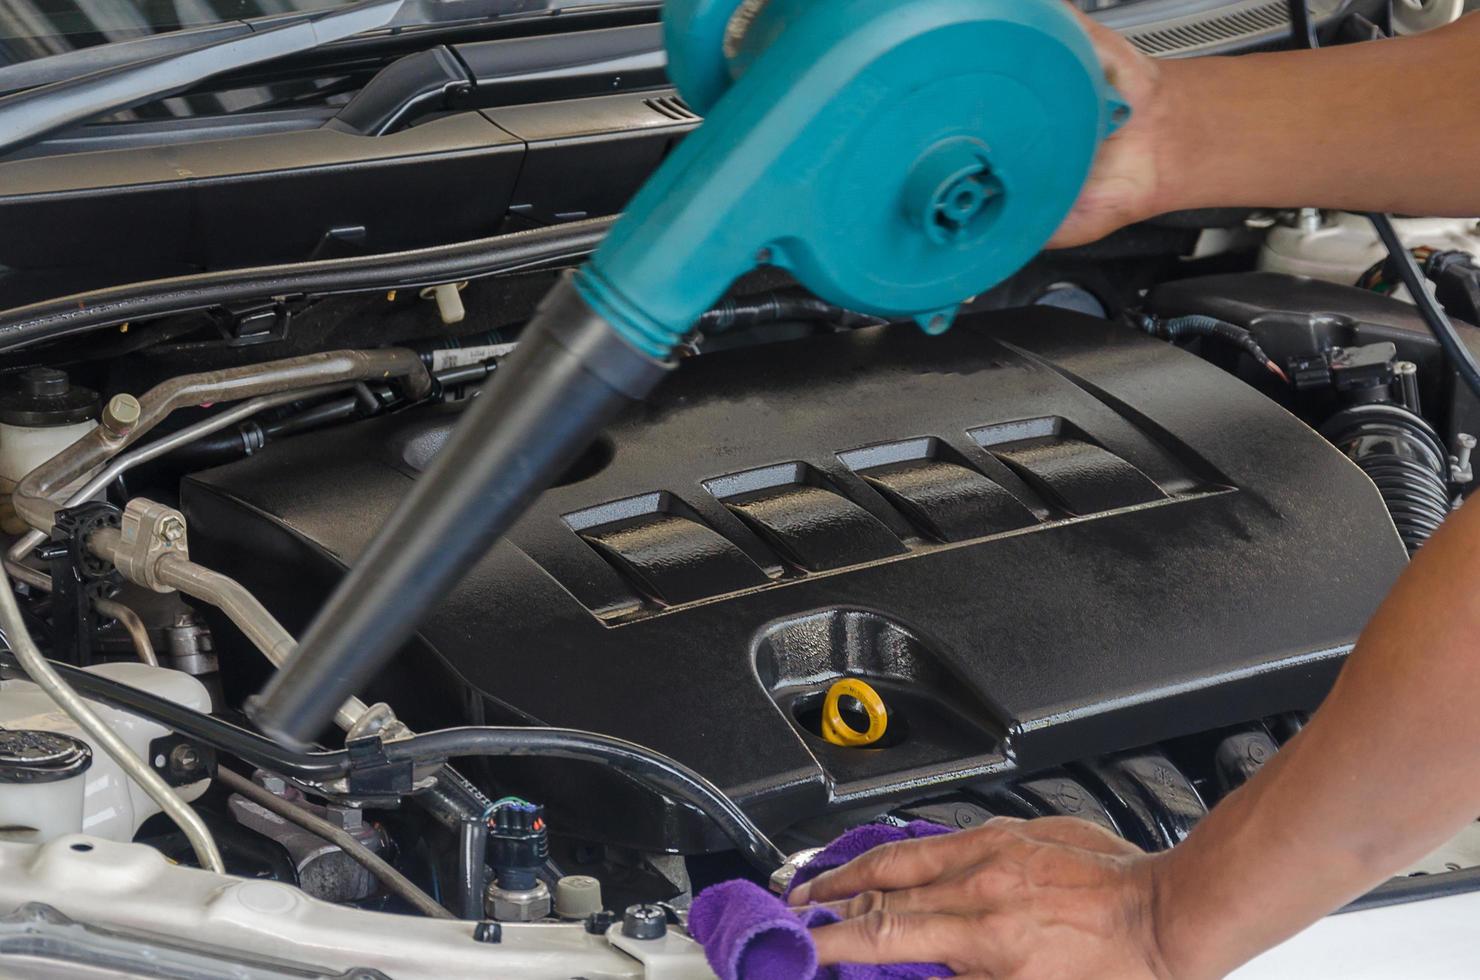 het schoonmaken van de motor van een auto foto